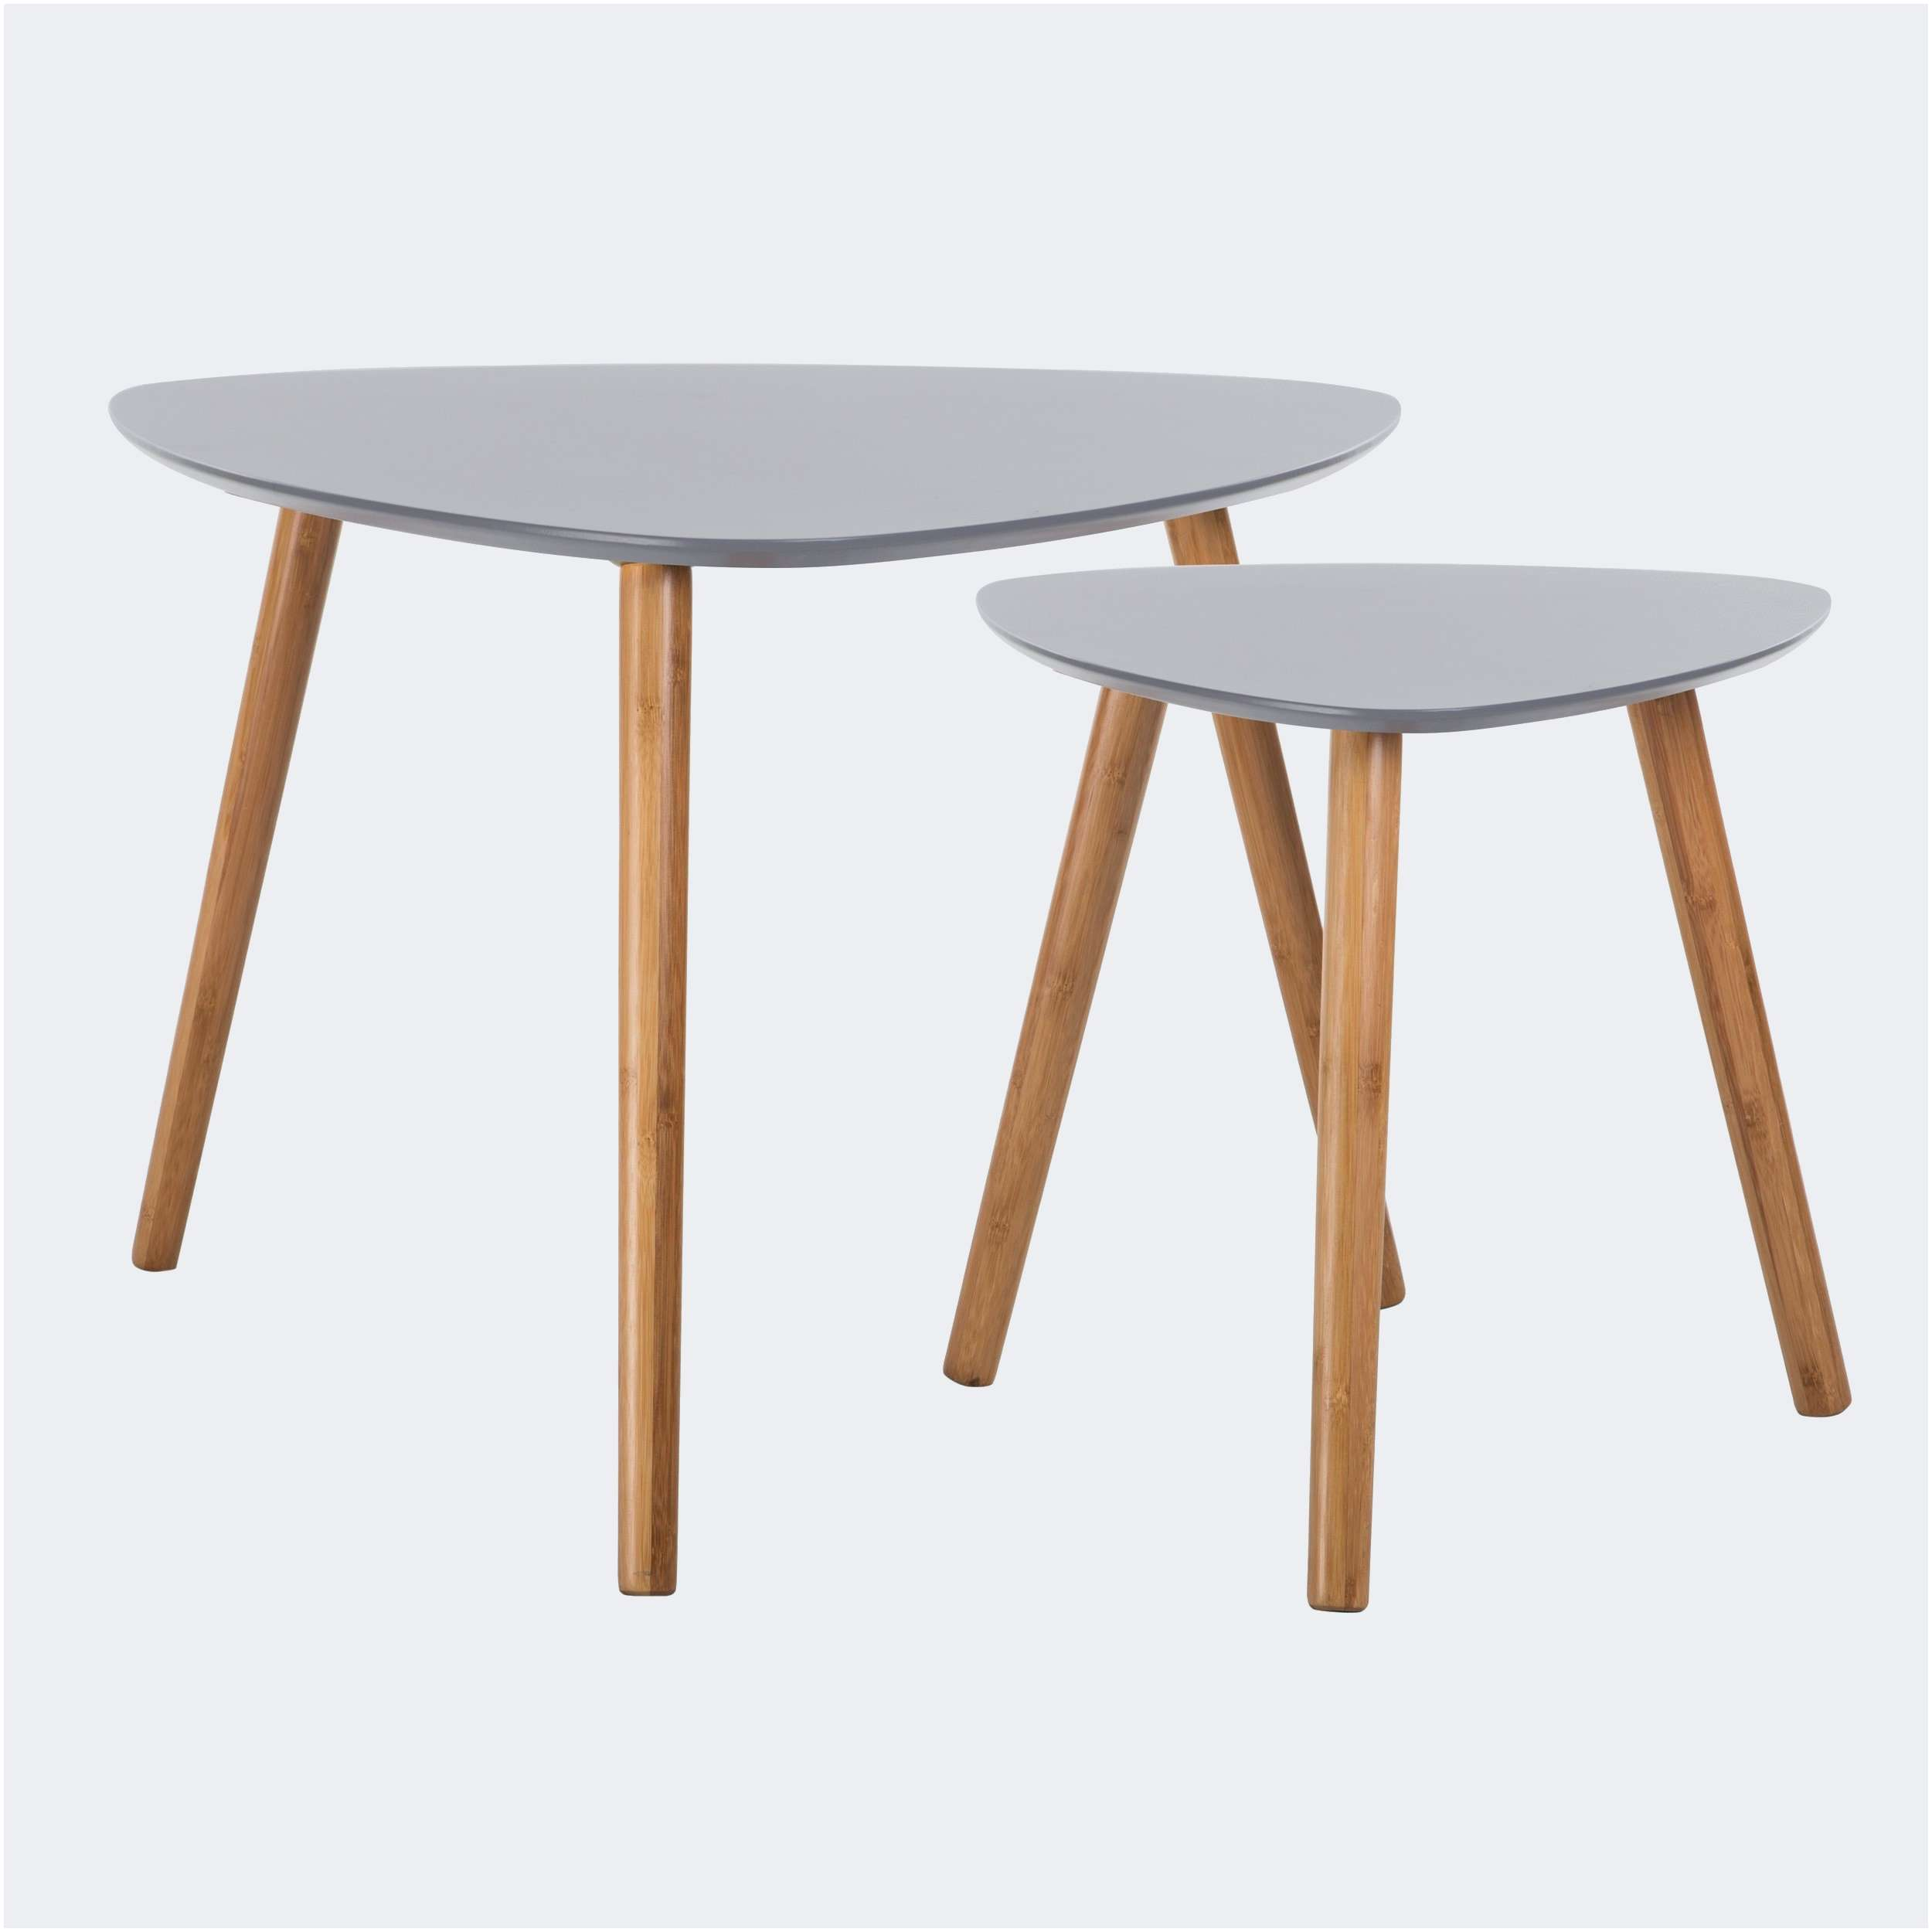 table banc pliable table pliante fer table et chaise pliante chaise pliante carrefour canape carrefour 0d 3trailsconferencesantafe elegant table pliante fer table et chaise pliante chaise pl